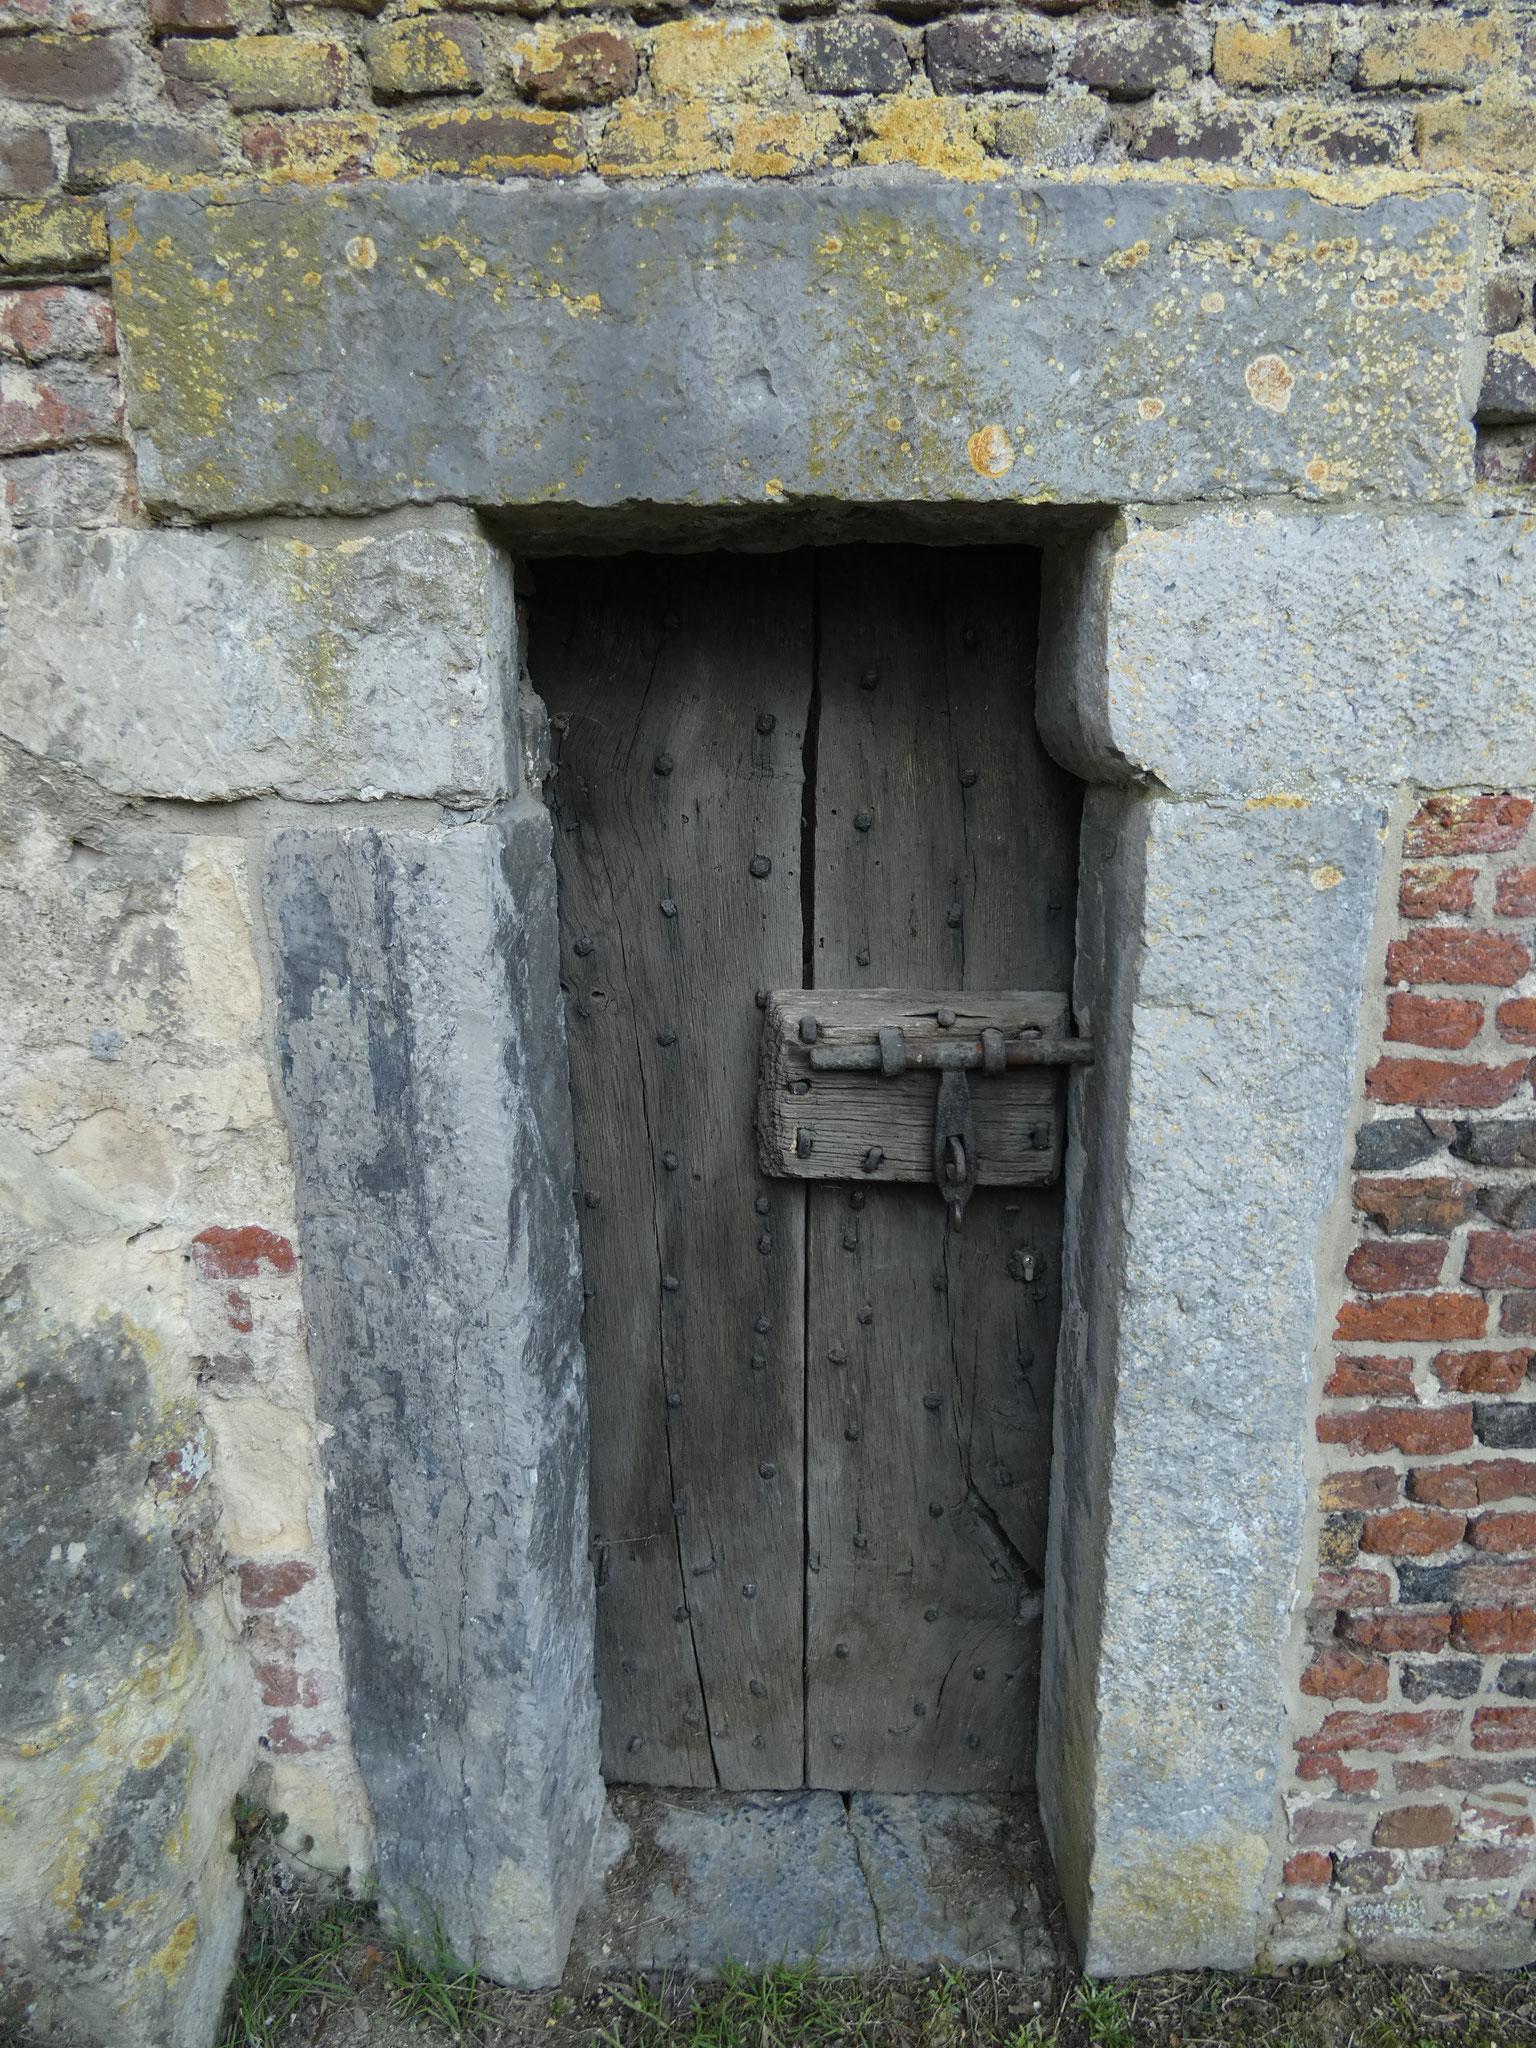 Oorspronkelijke deur van de gevangeniskelder in de Rode Toren.